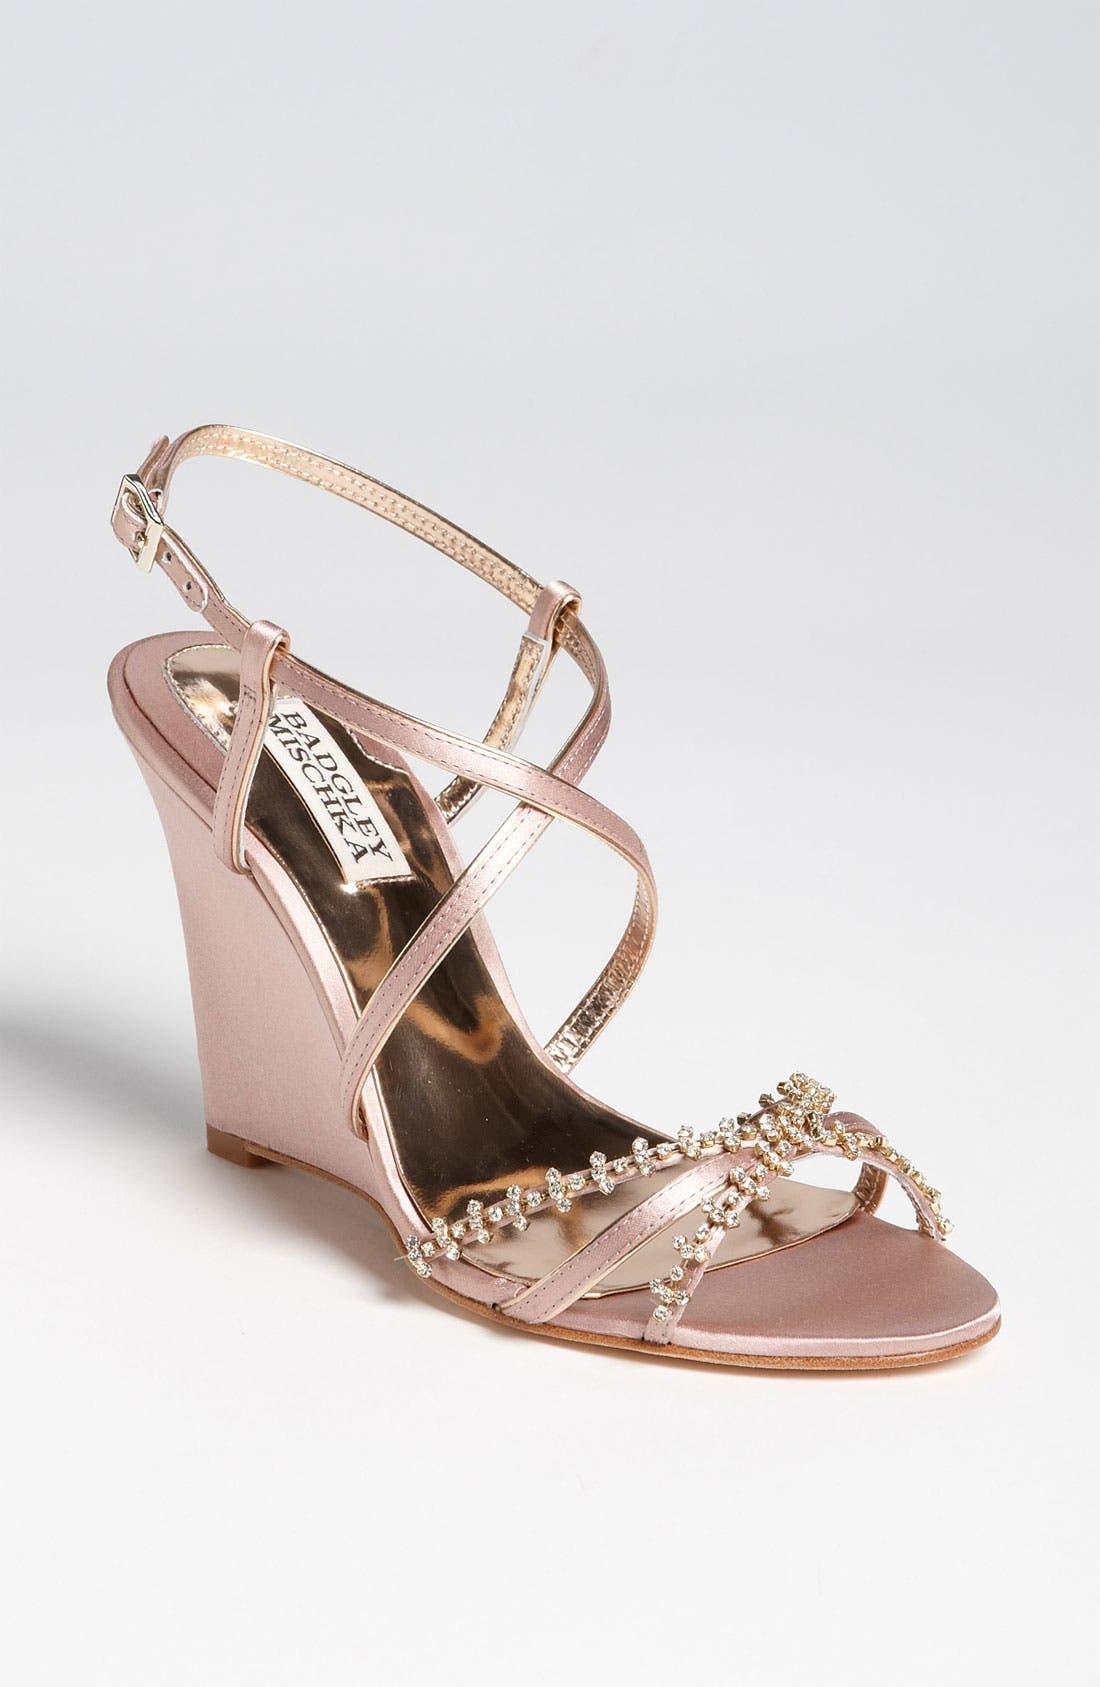 Main Image - Badgley Mischka 'Gisele' Sandal